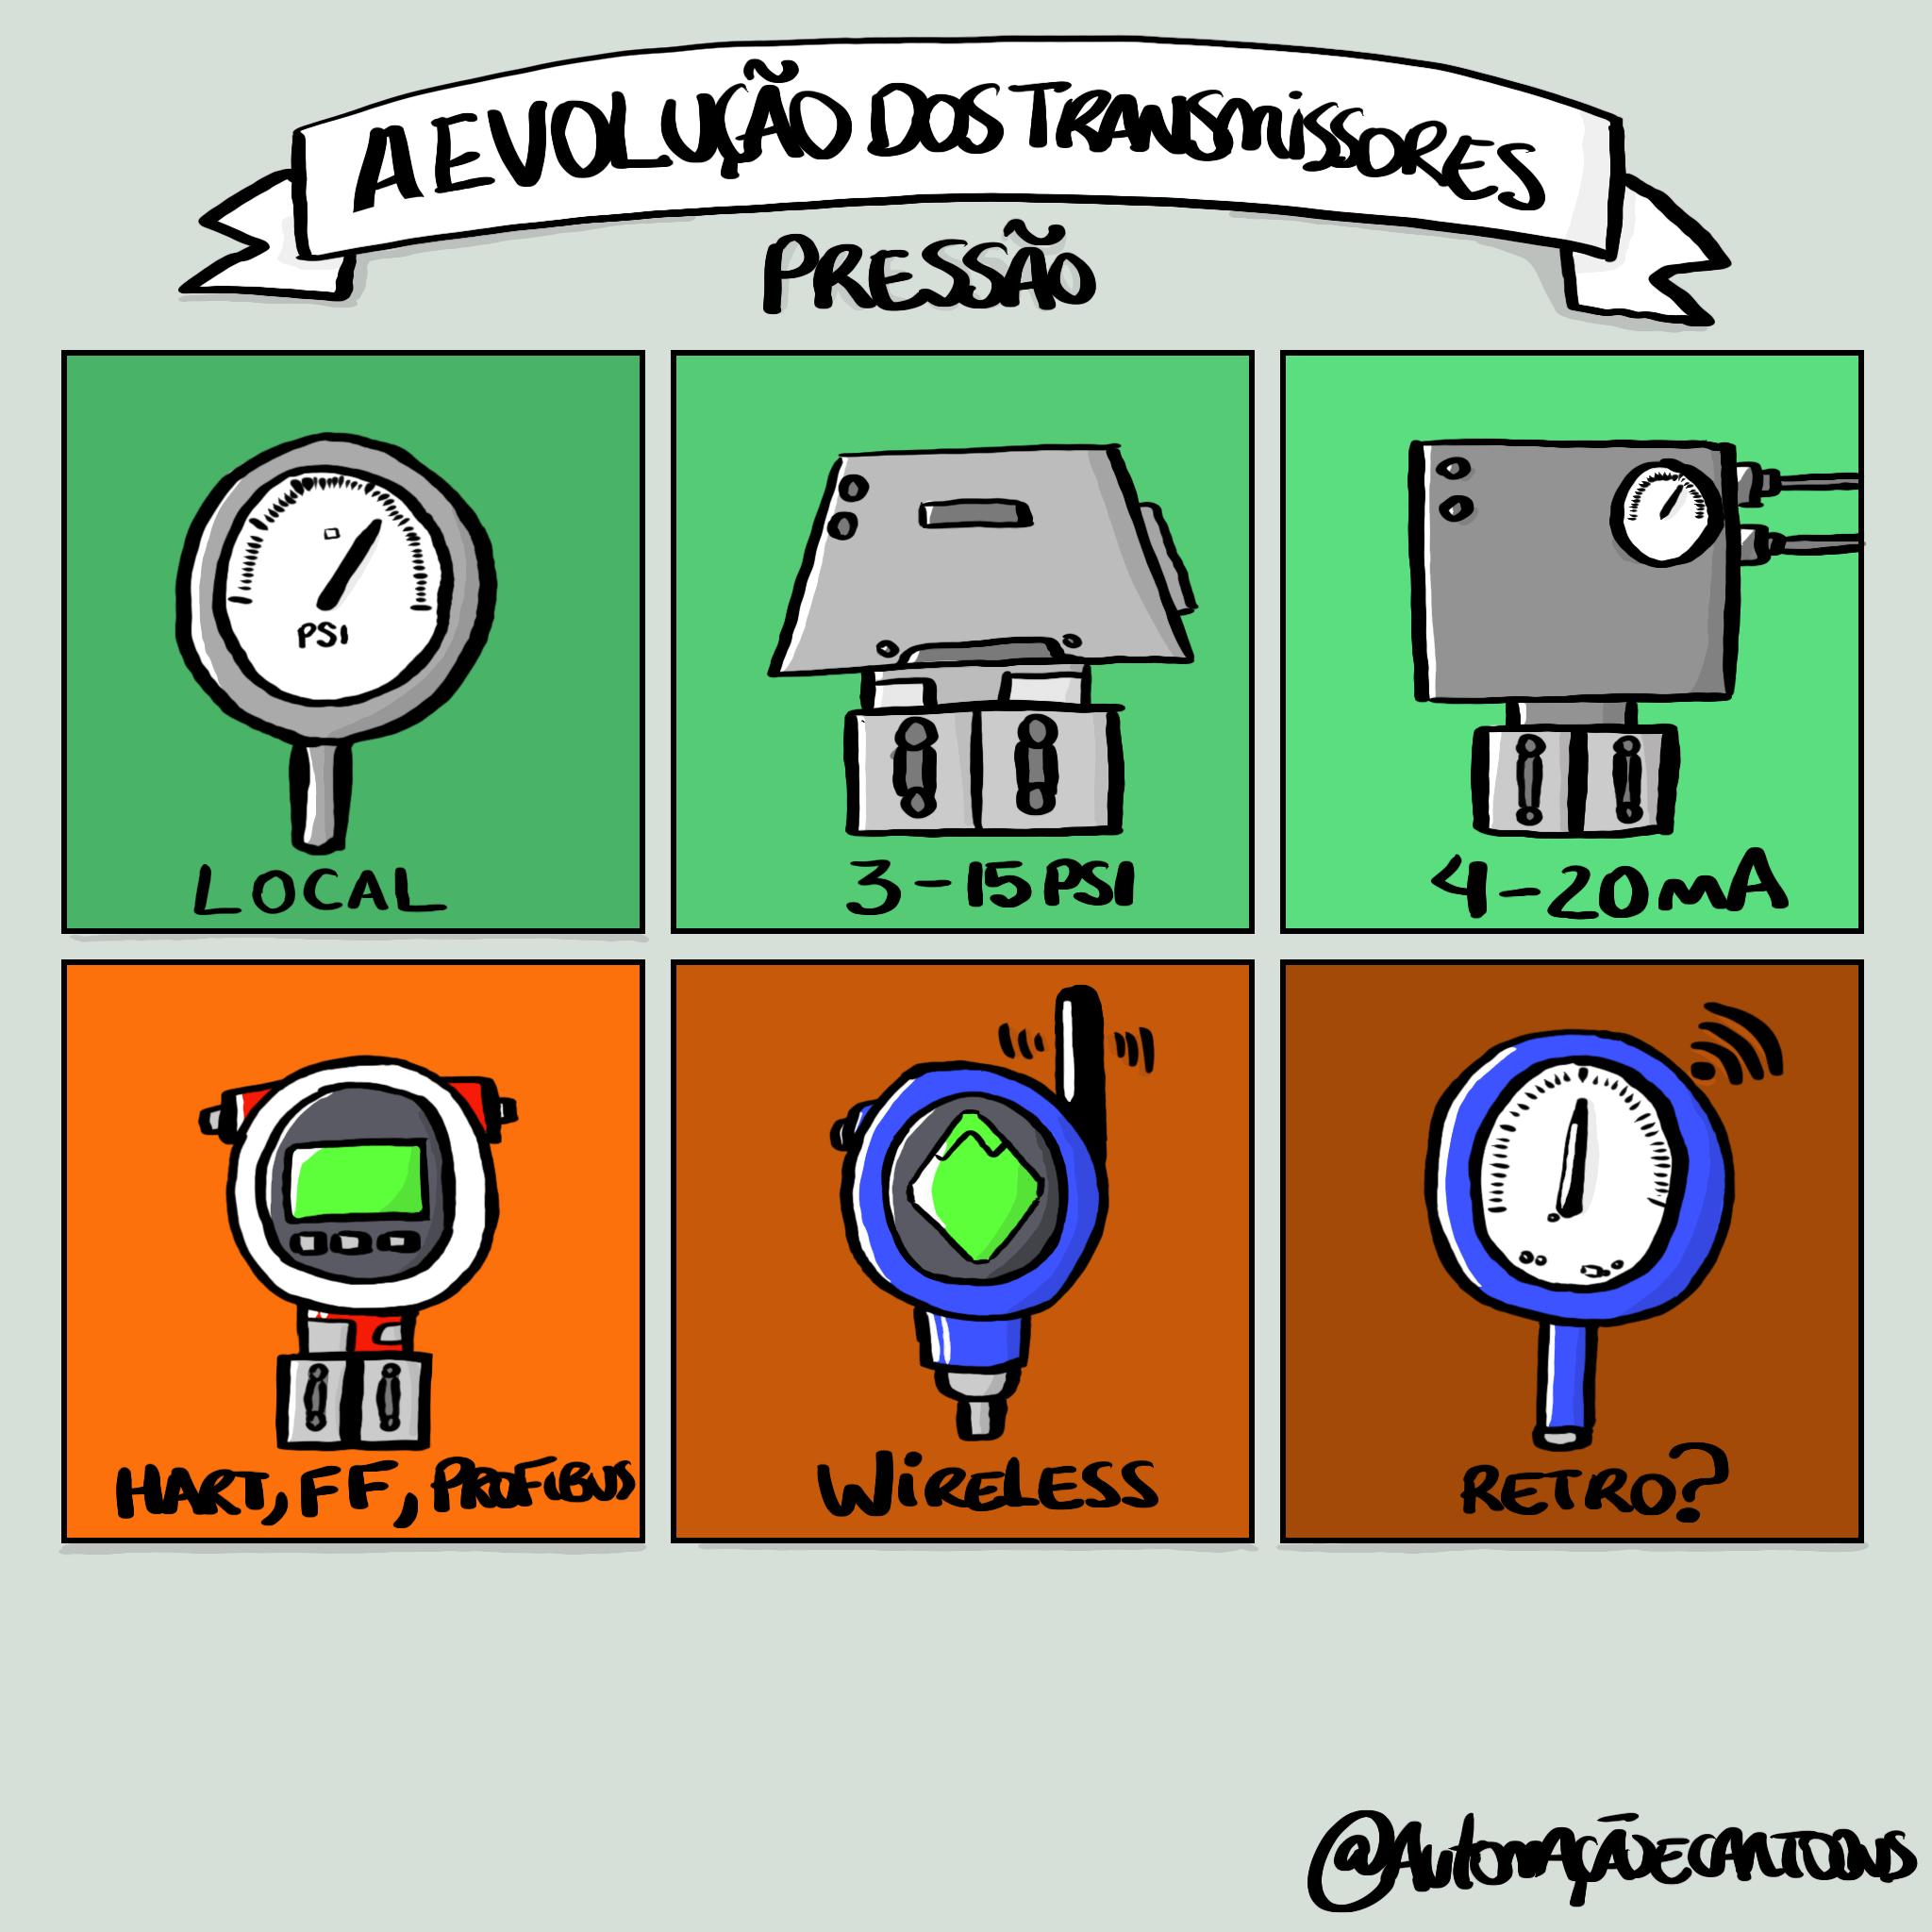 evolucao-transmissor-de-pressao